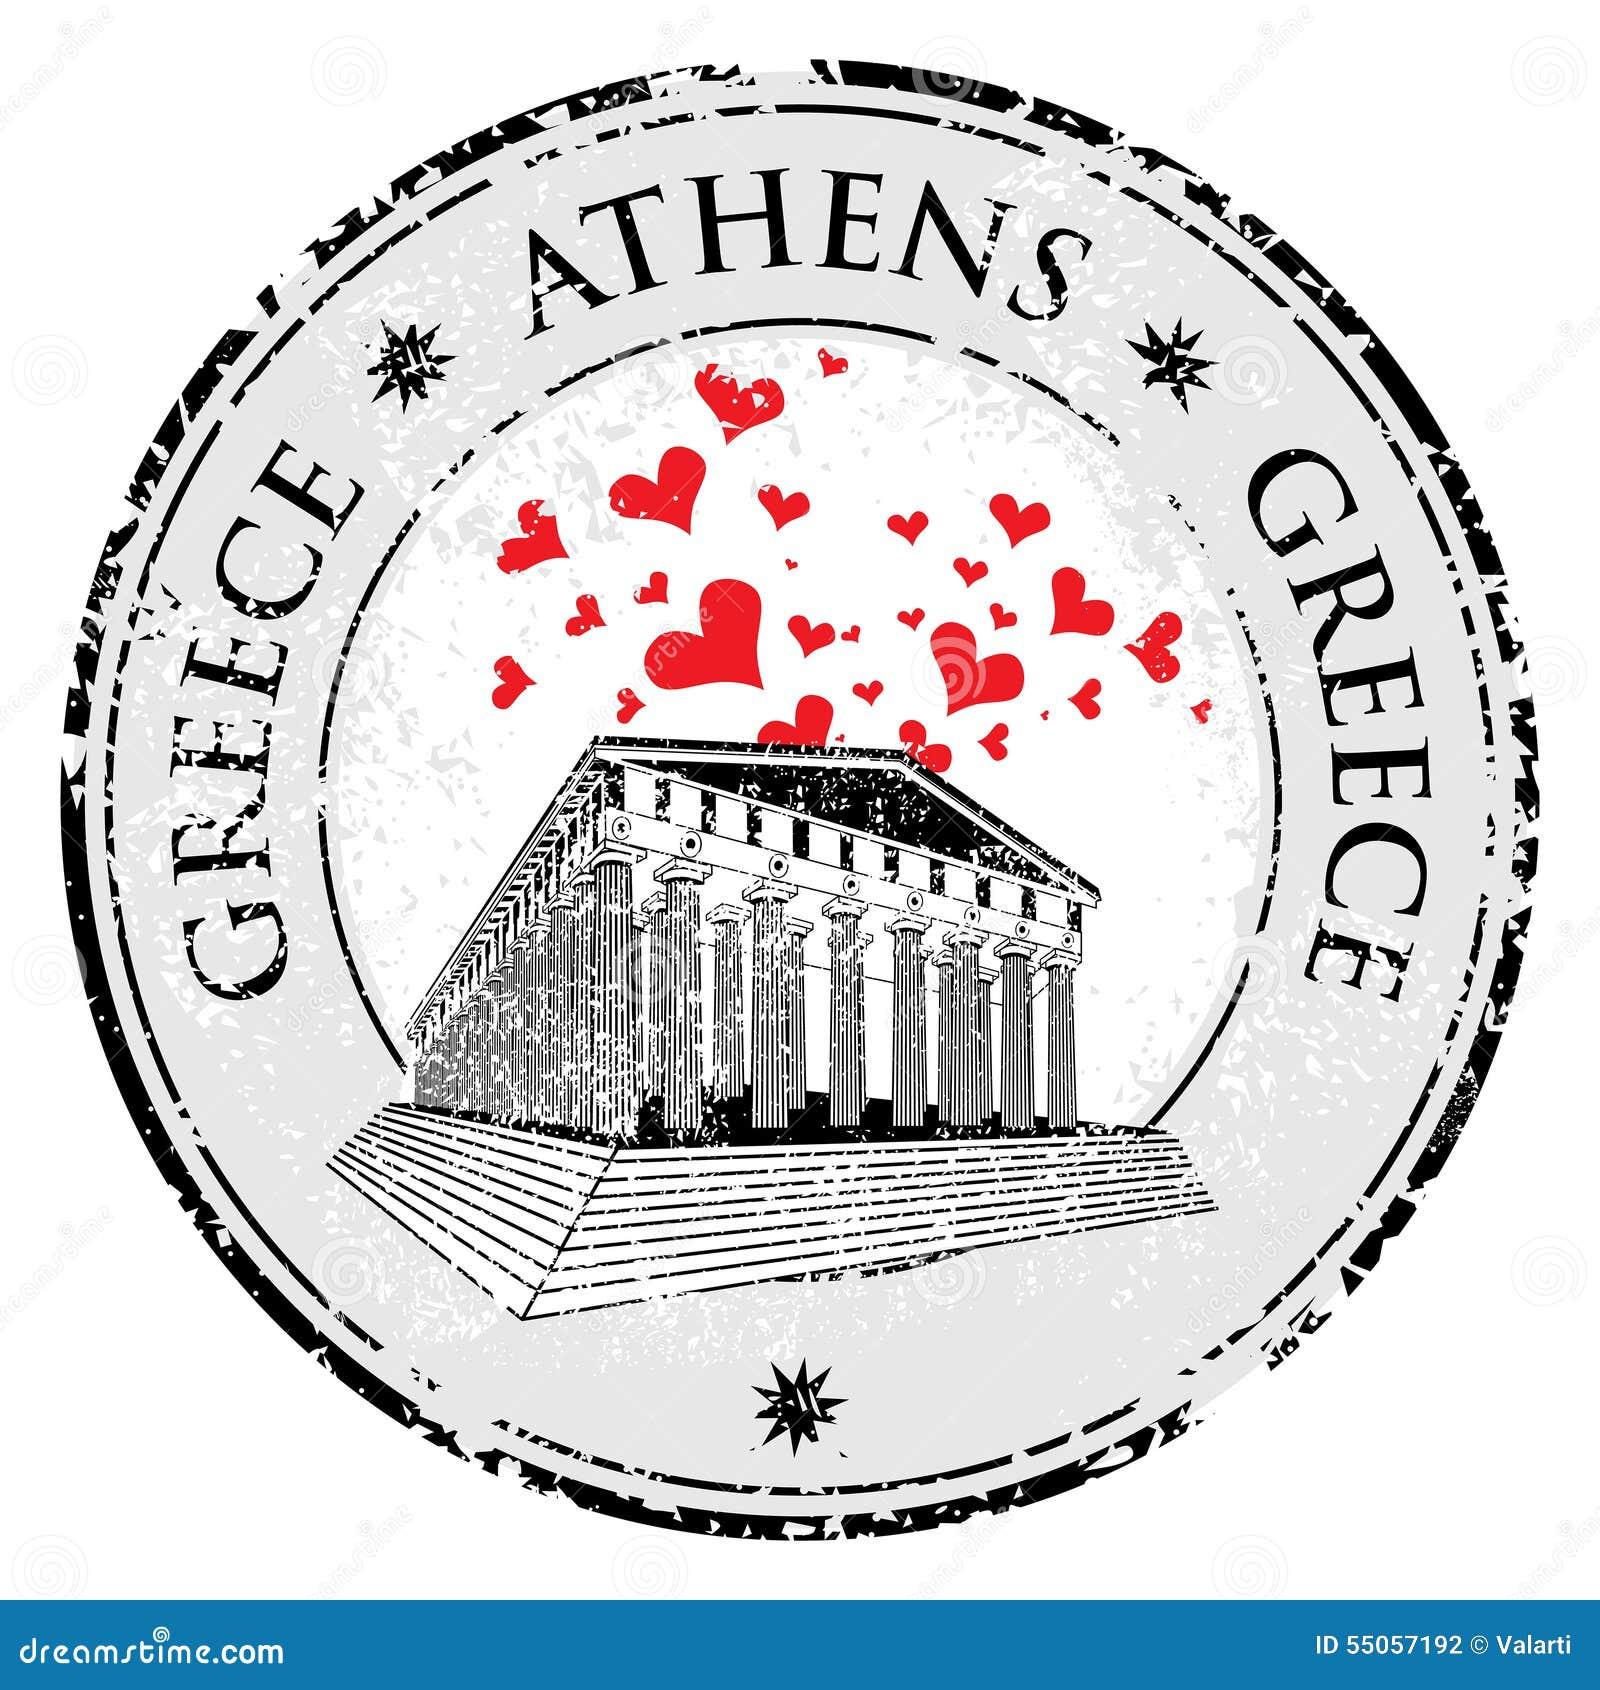 Förälskelsehjärtastämpel med parthenonen från Grekland och den kända Grekland som är skriftlig inom stämpeln